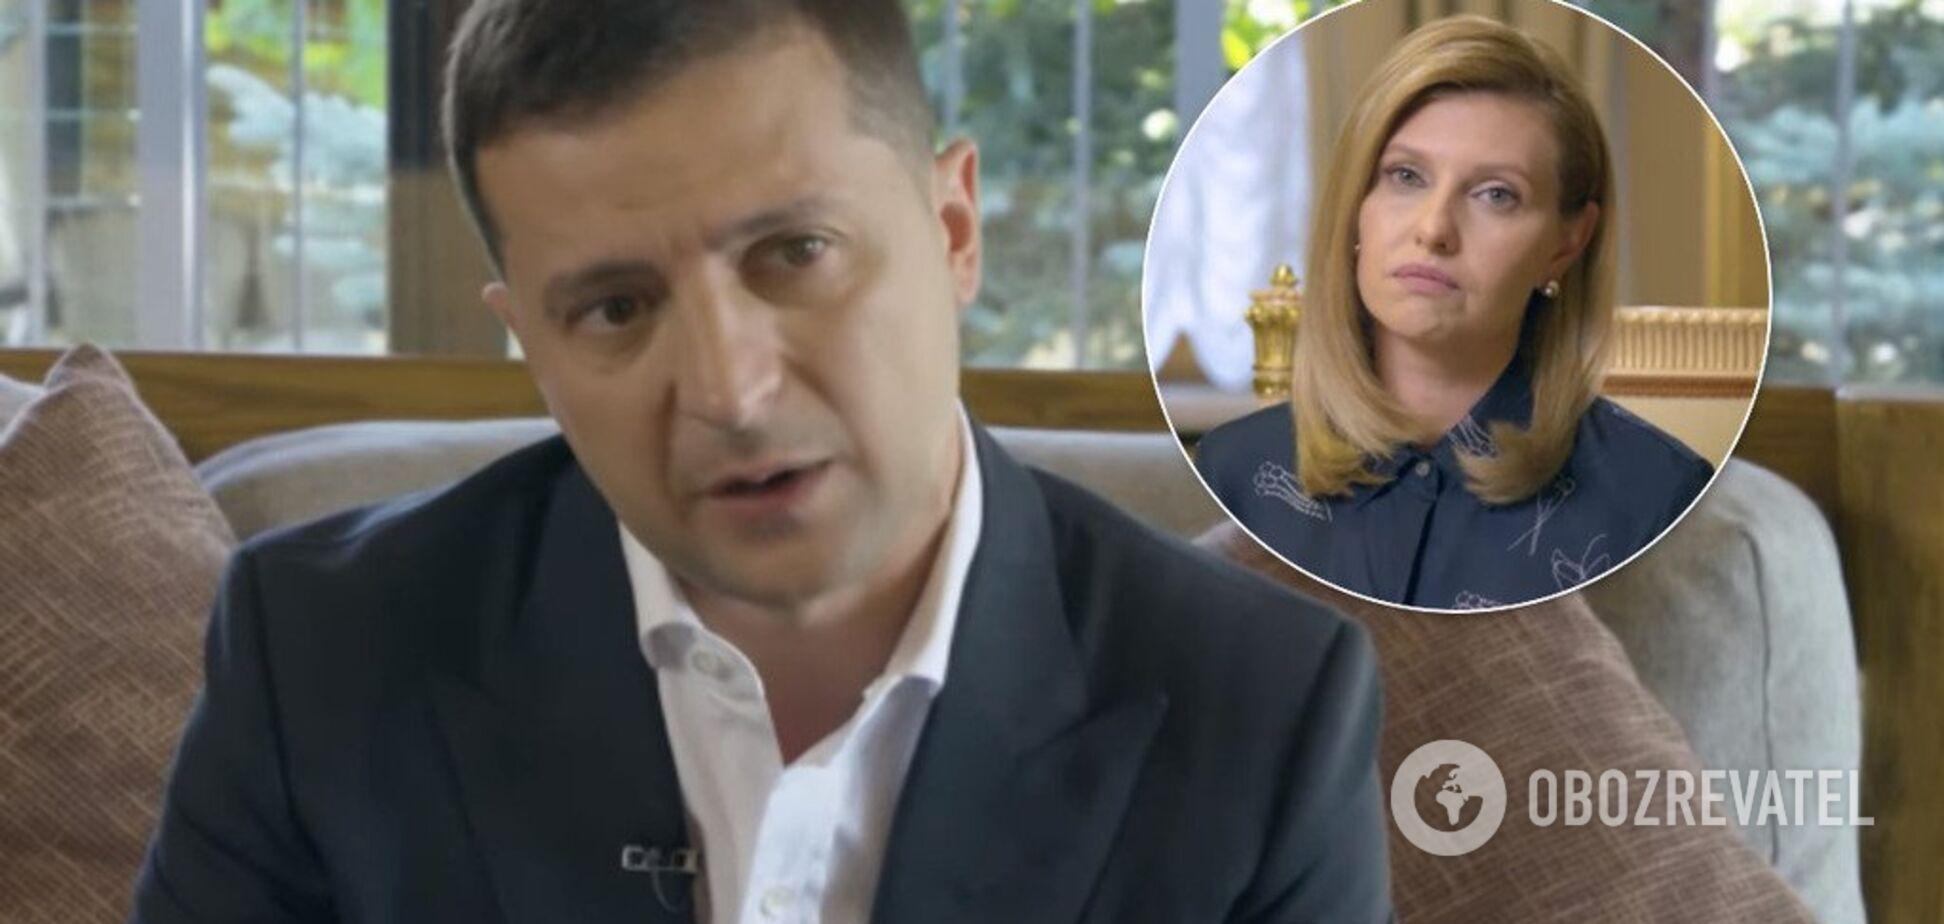 'Я советуюсь с ней': Зеленский откровенно рассказал об отношениях с женой